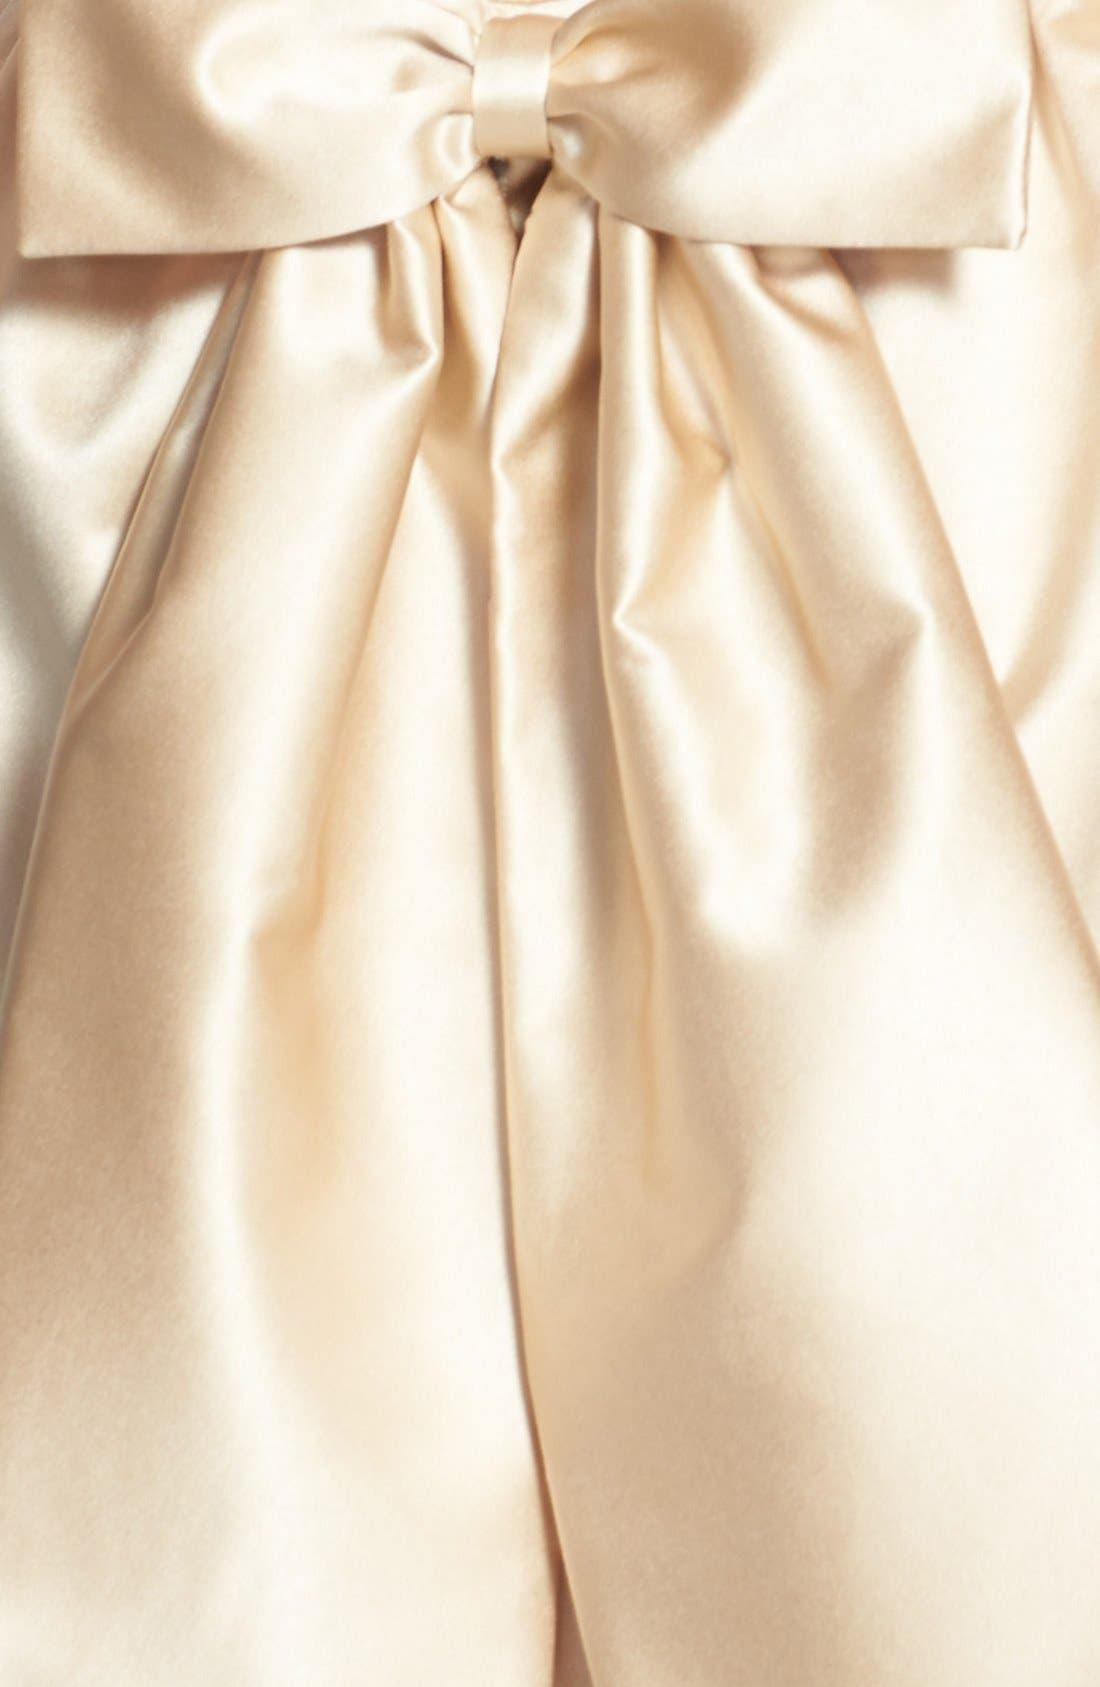 Alternate Image 4  - ERIN erin fetherston 'Winona' Bow Detail Peau de Soie Sheath Dress